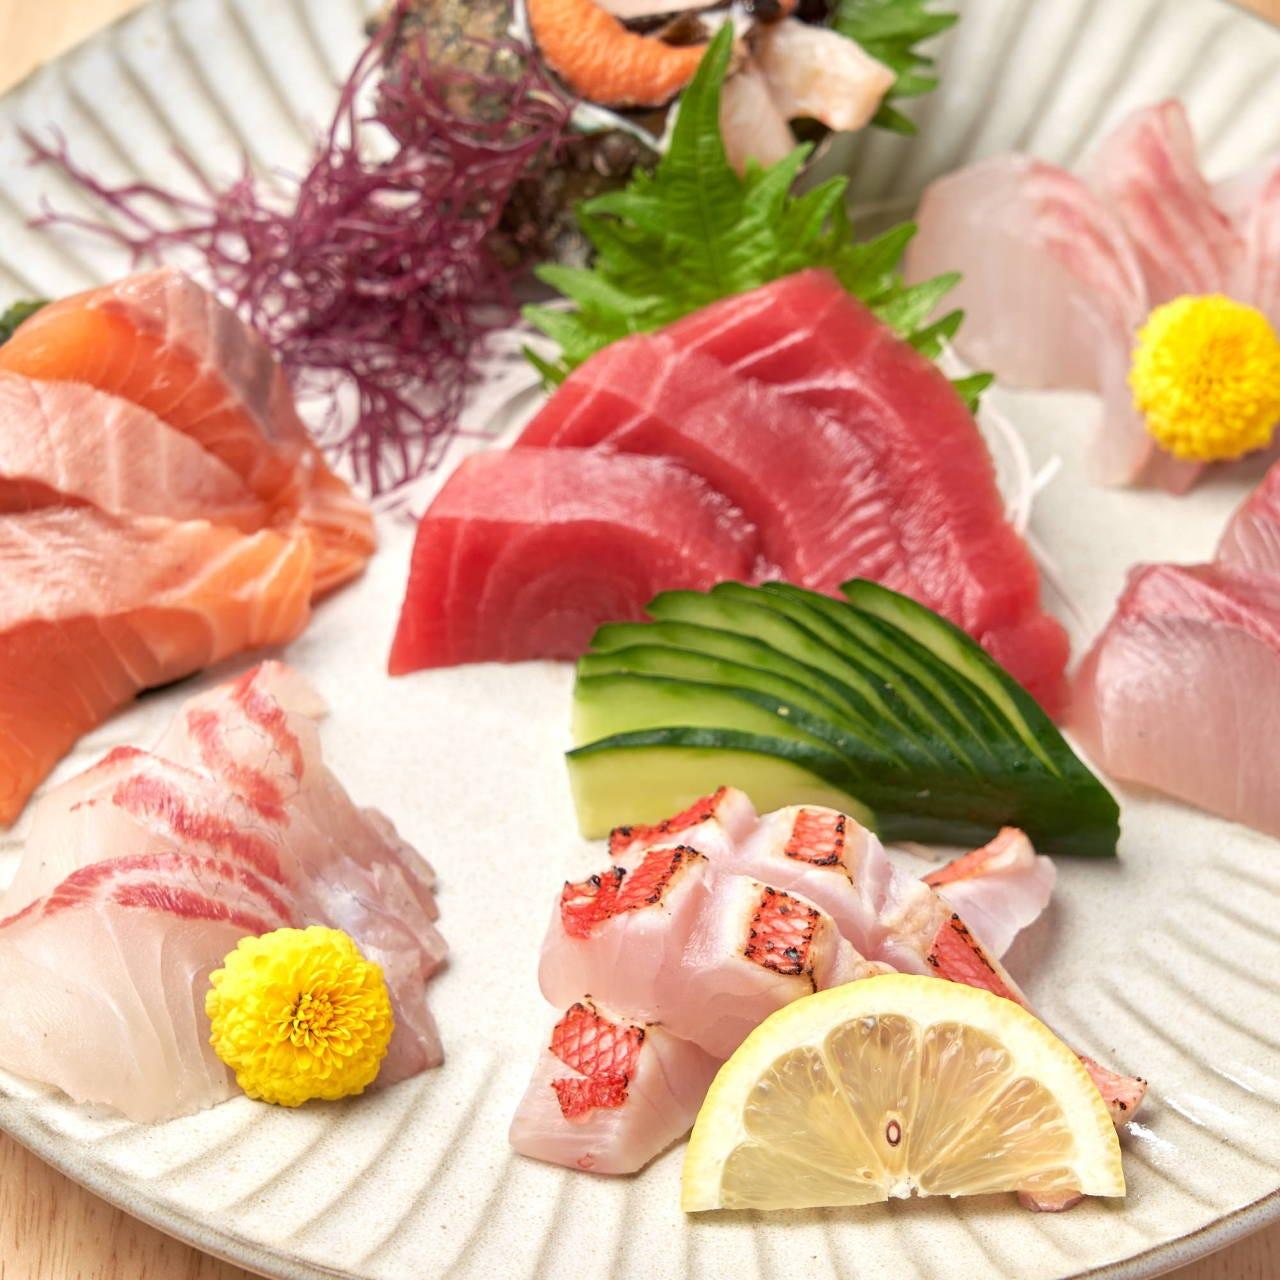 産地直送鮮魚を使用した絶品料理